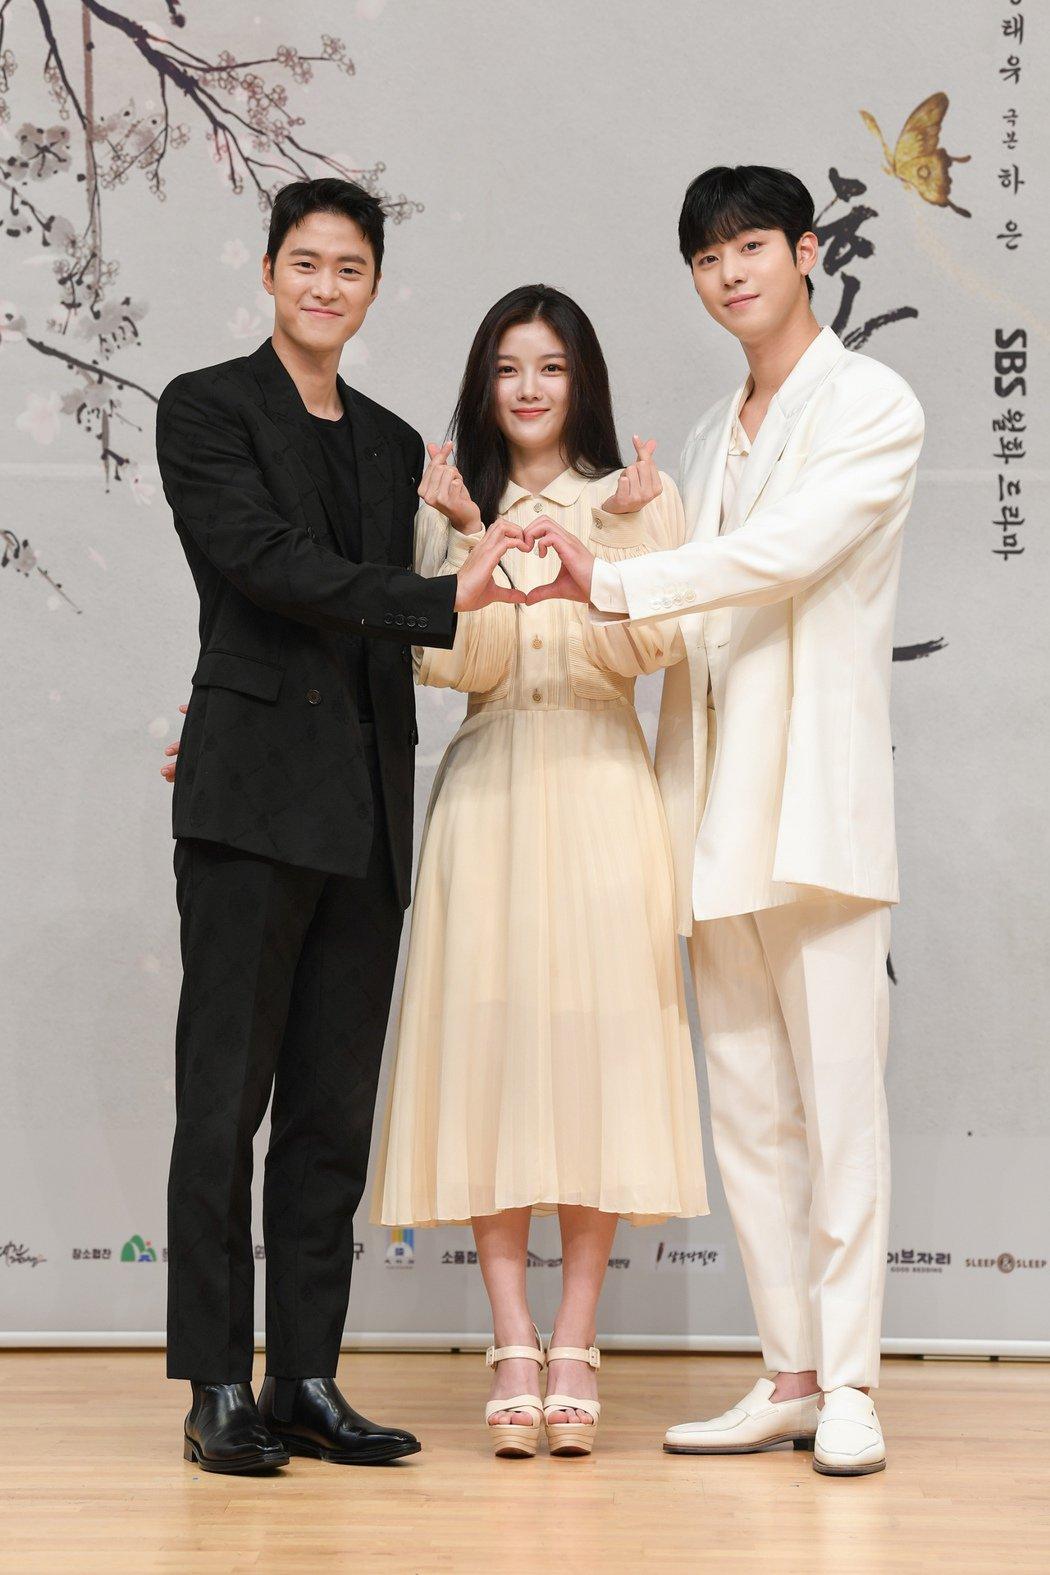 孔明(左起)、金裕貞以及安孝燮出席「紅天機」記者會,大談拍戲趣事。圖/friDa